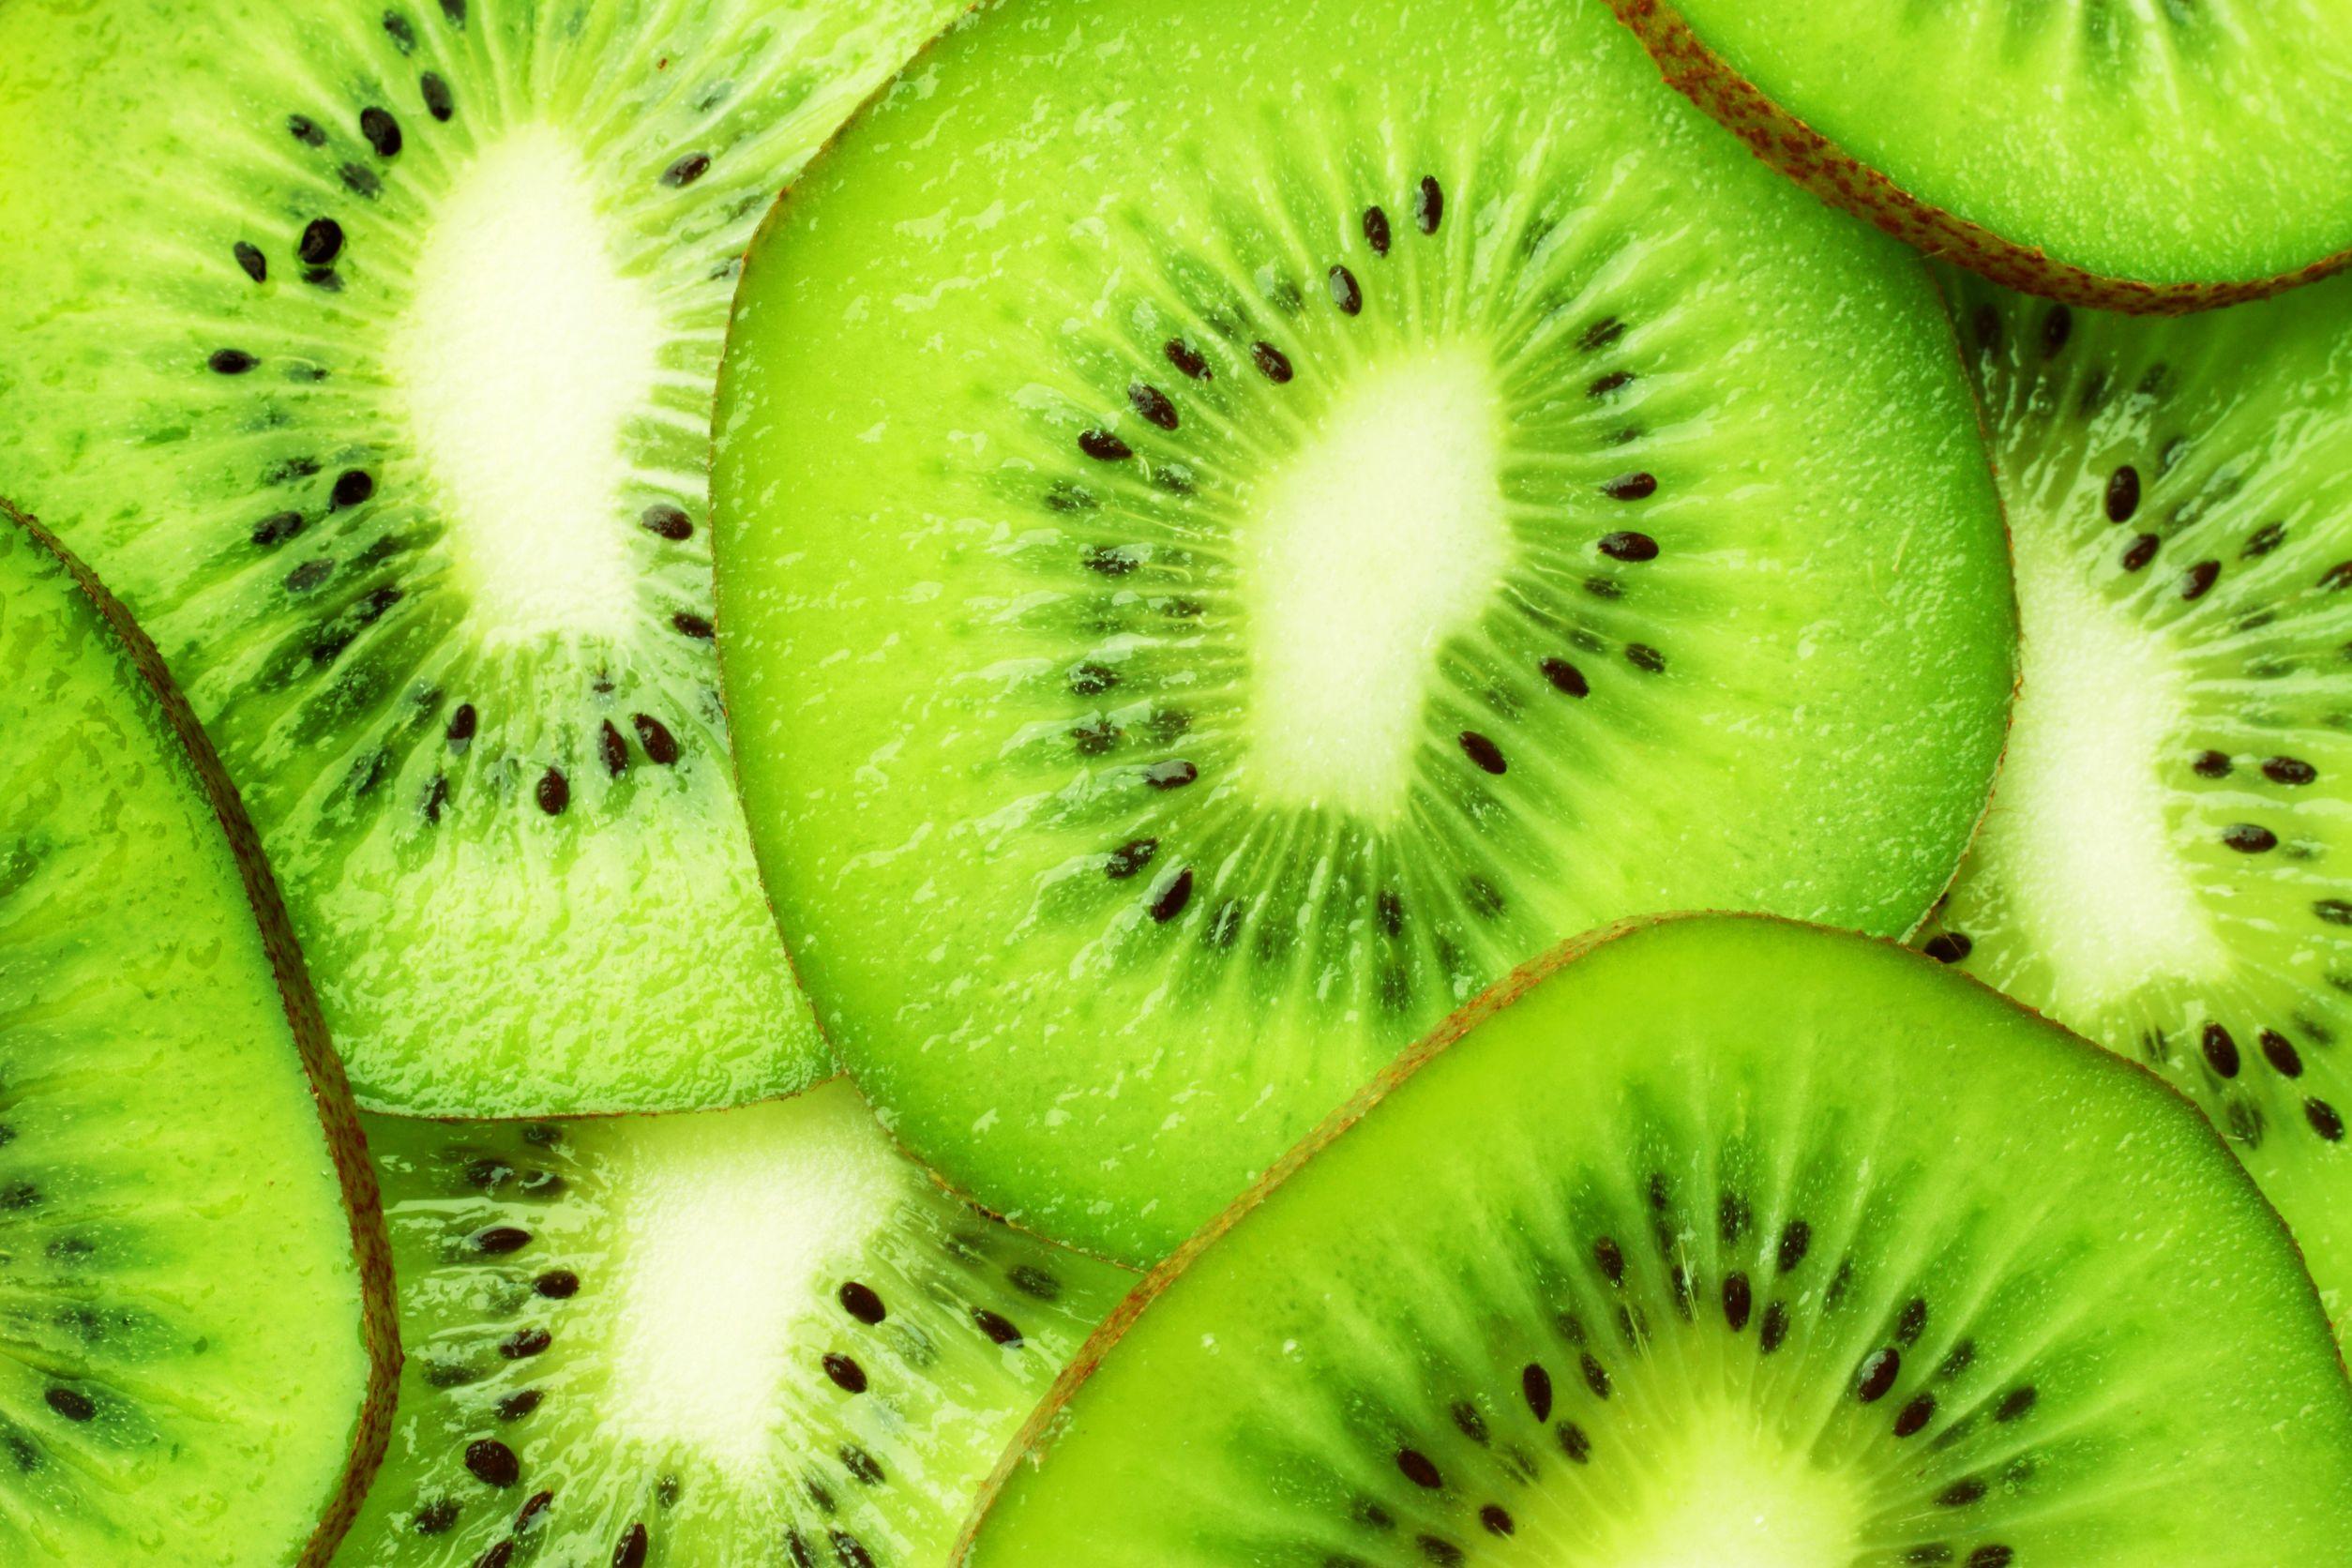 new zealand kiwi slices 123rf